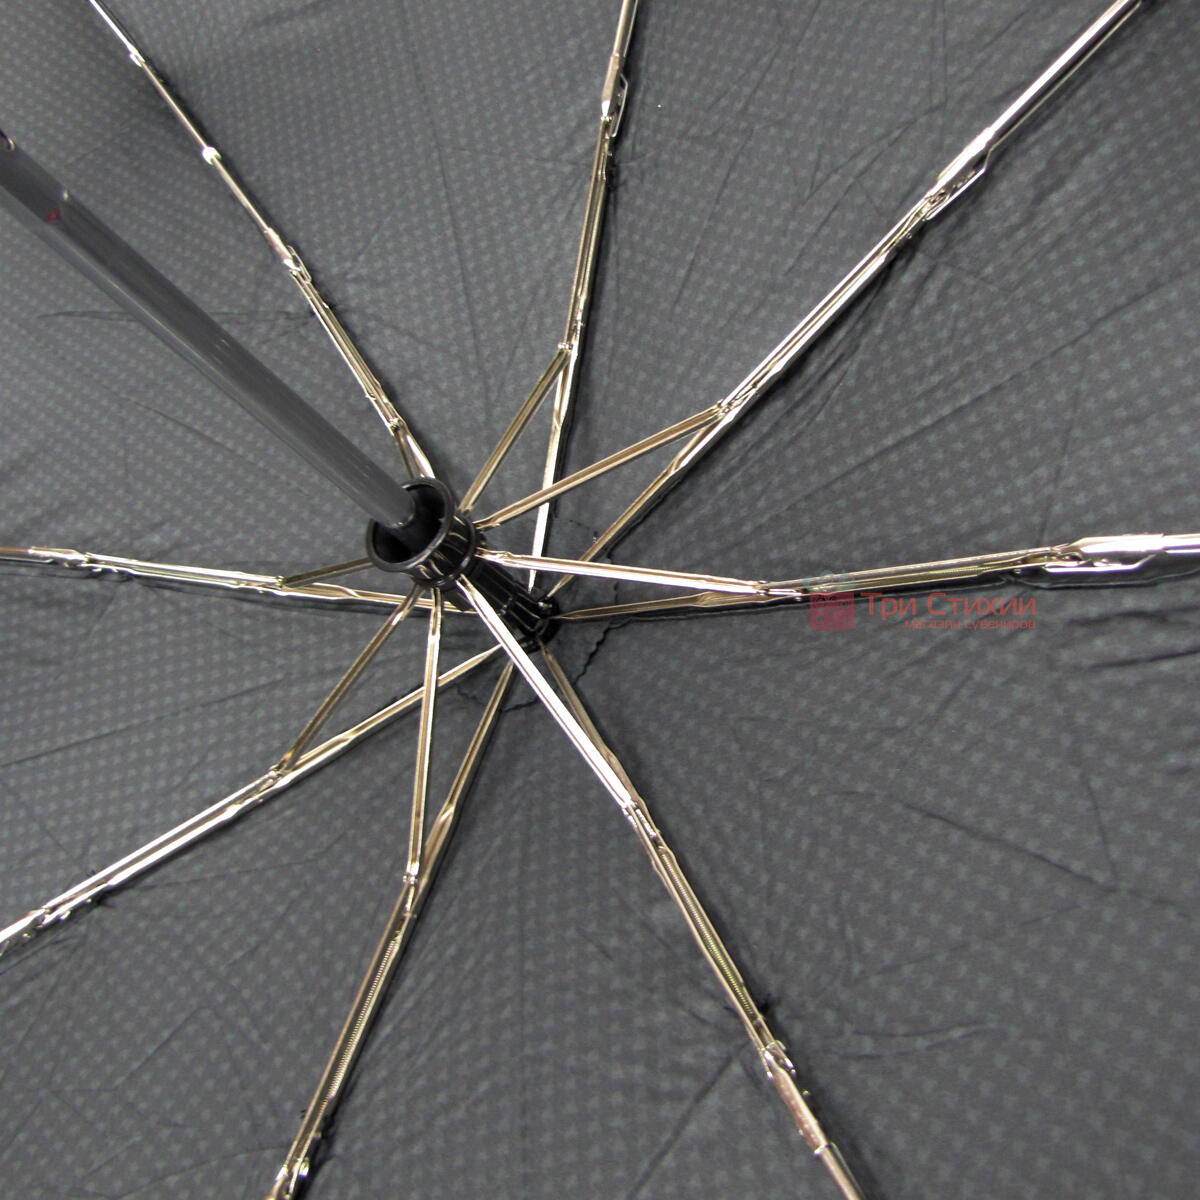 Зонт складной Doppler 74667G-5 полный автомат Лапки, фото 4